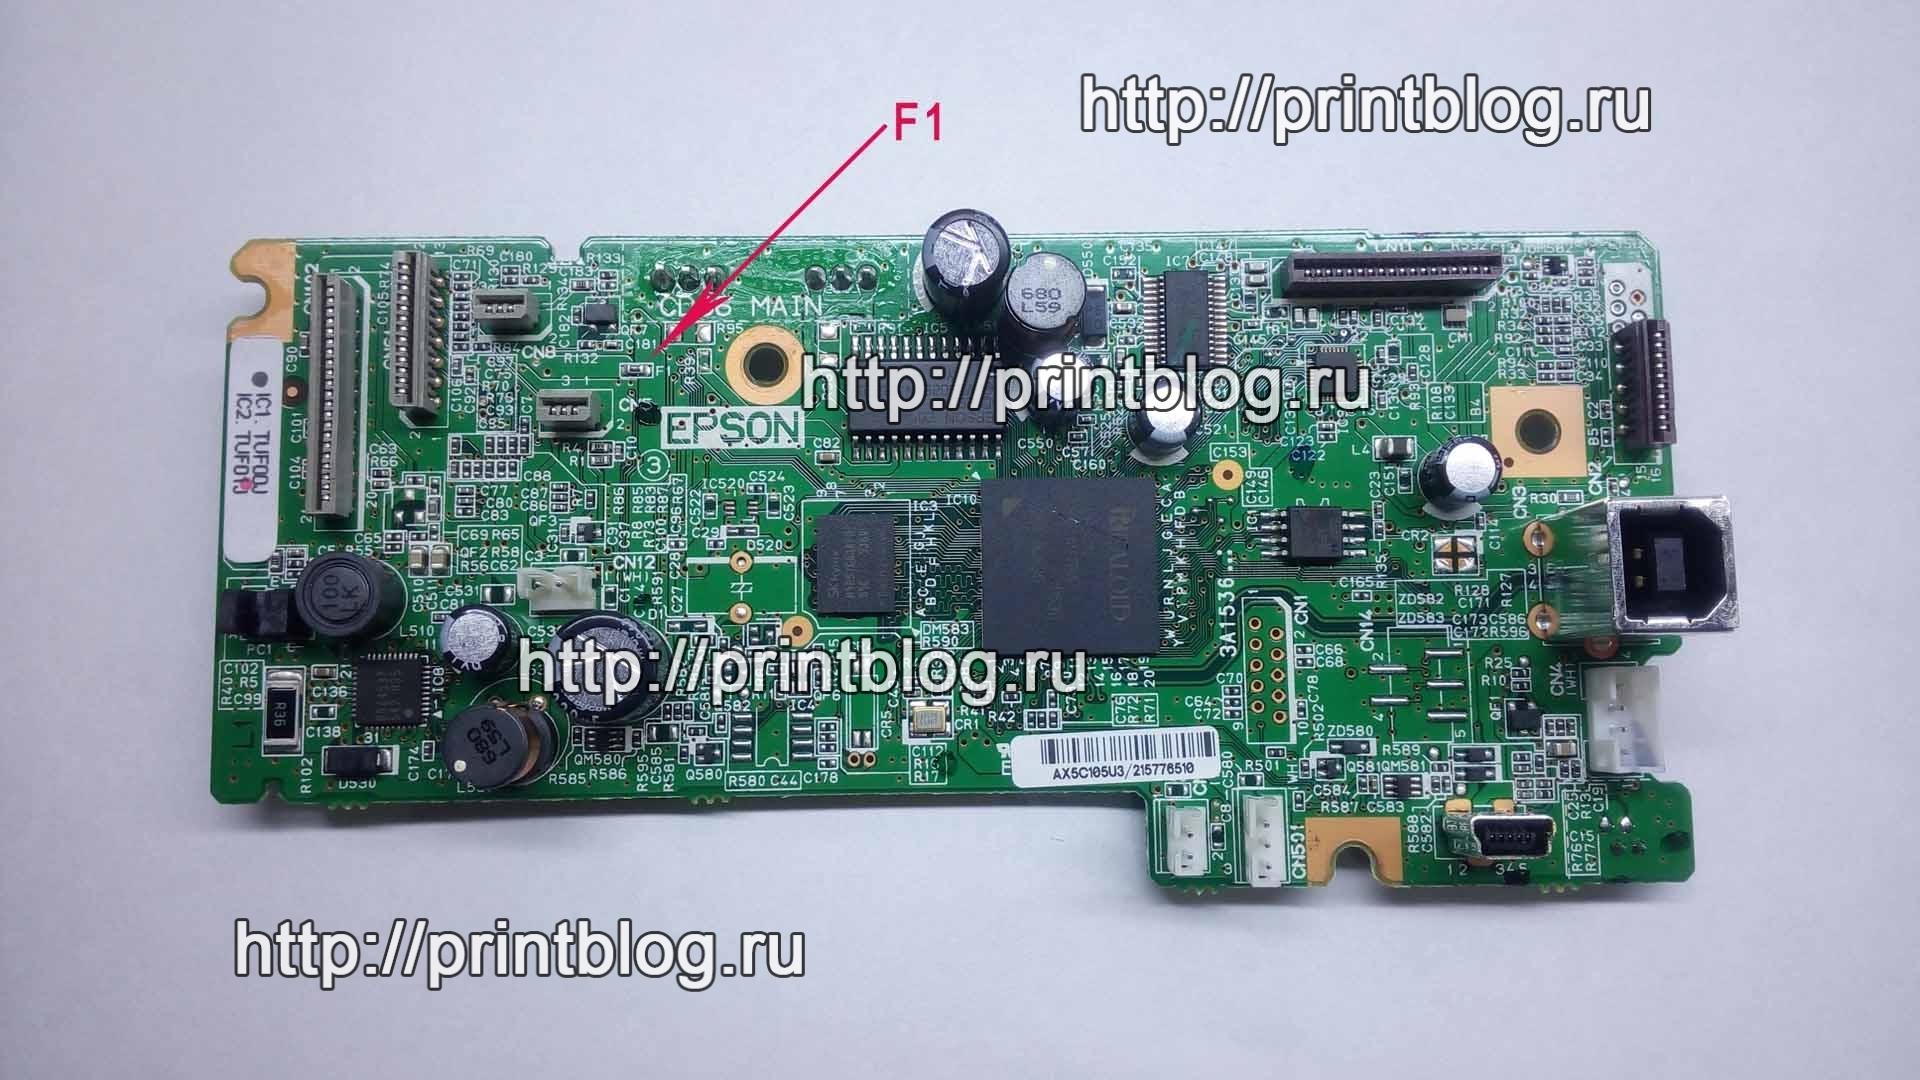 Предохранители F1 на главной плате принтера Epson XP-320 (2163534)